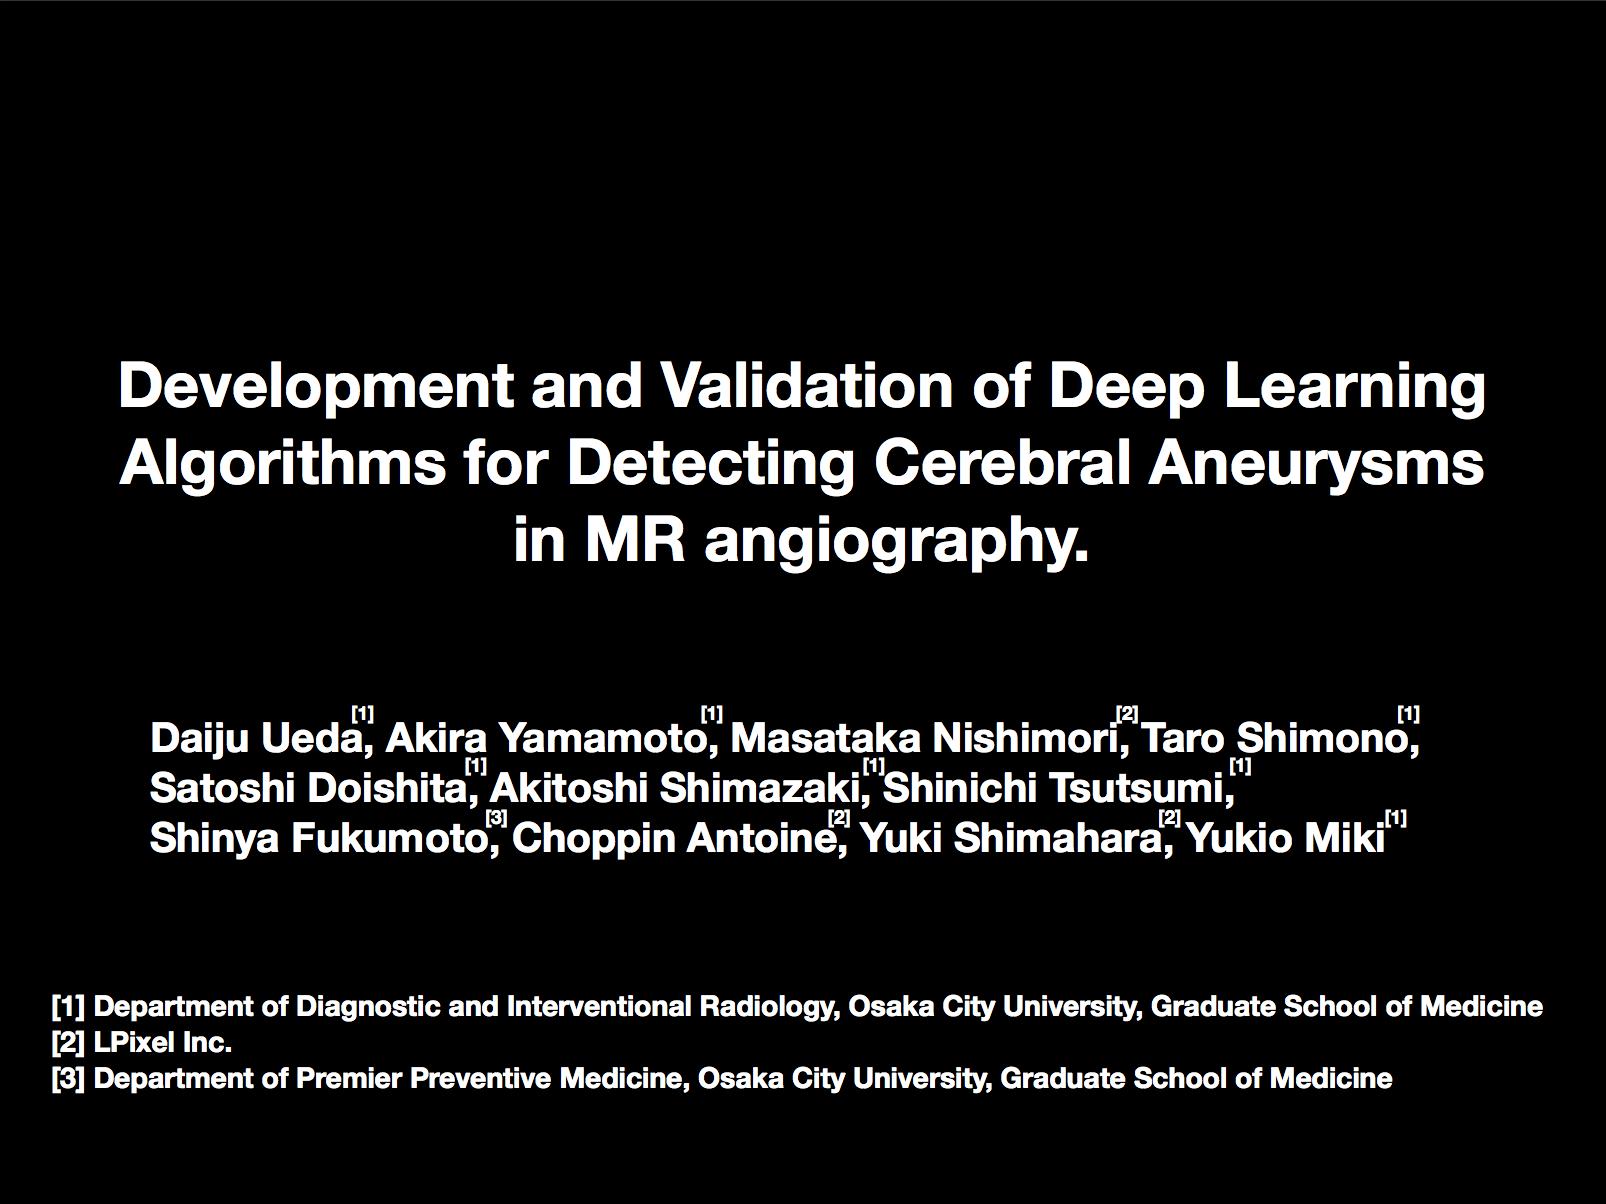 日本放射線学会でのディープラーニングによる脳動脈瘤の診断のスライド(一部)